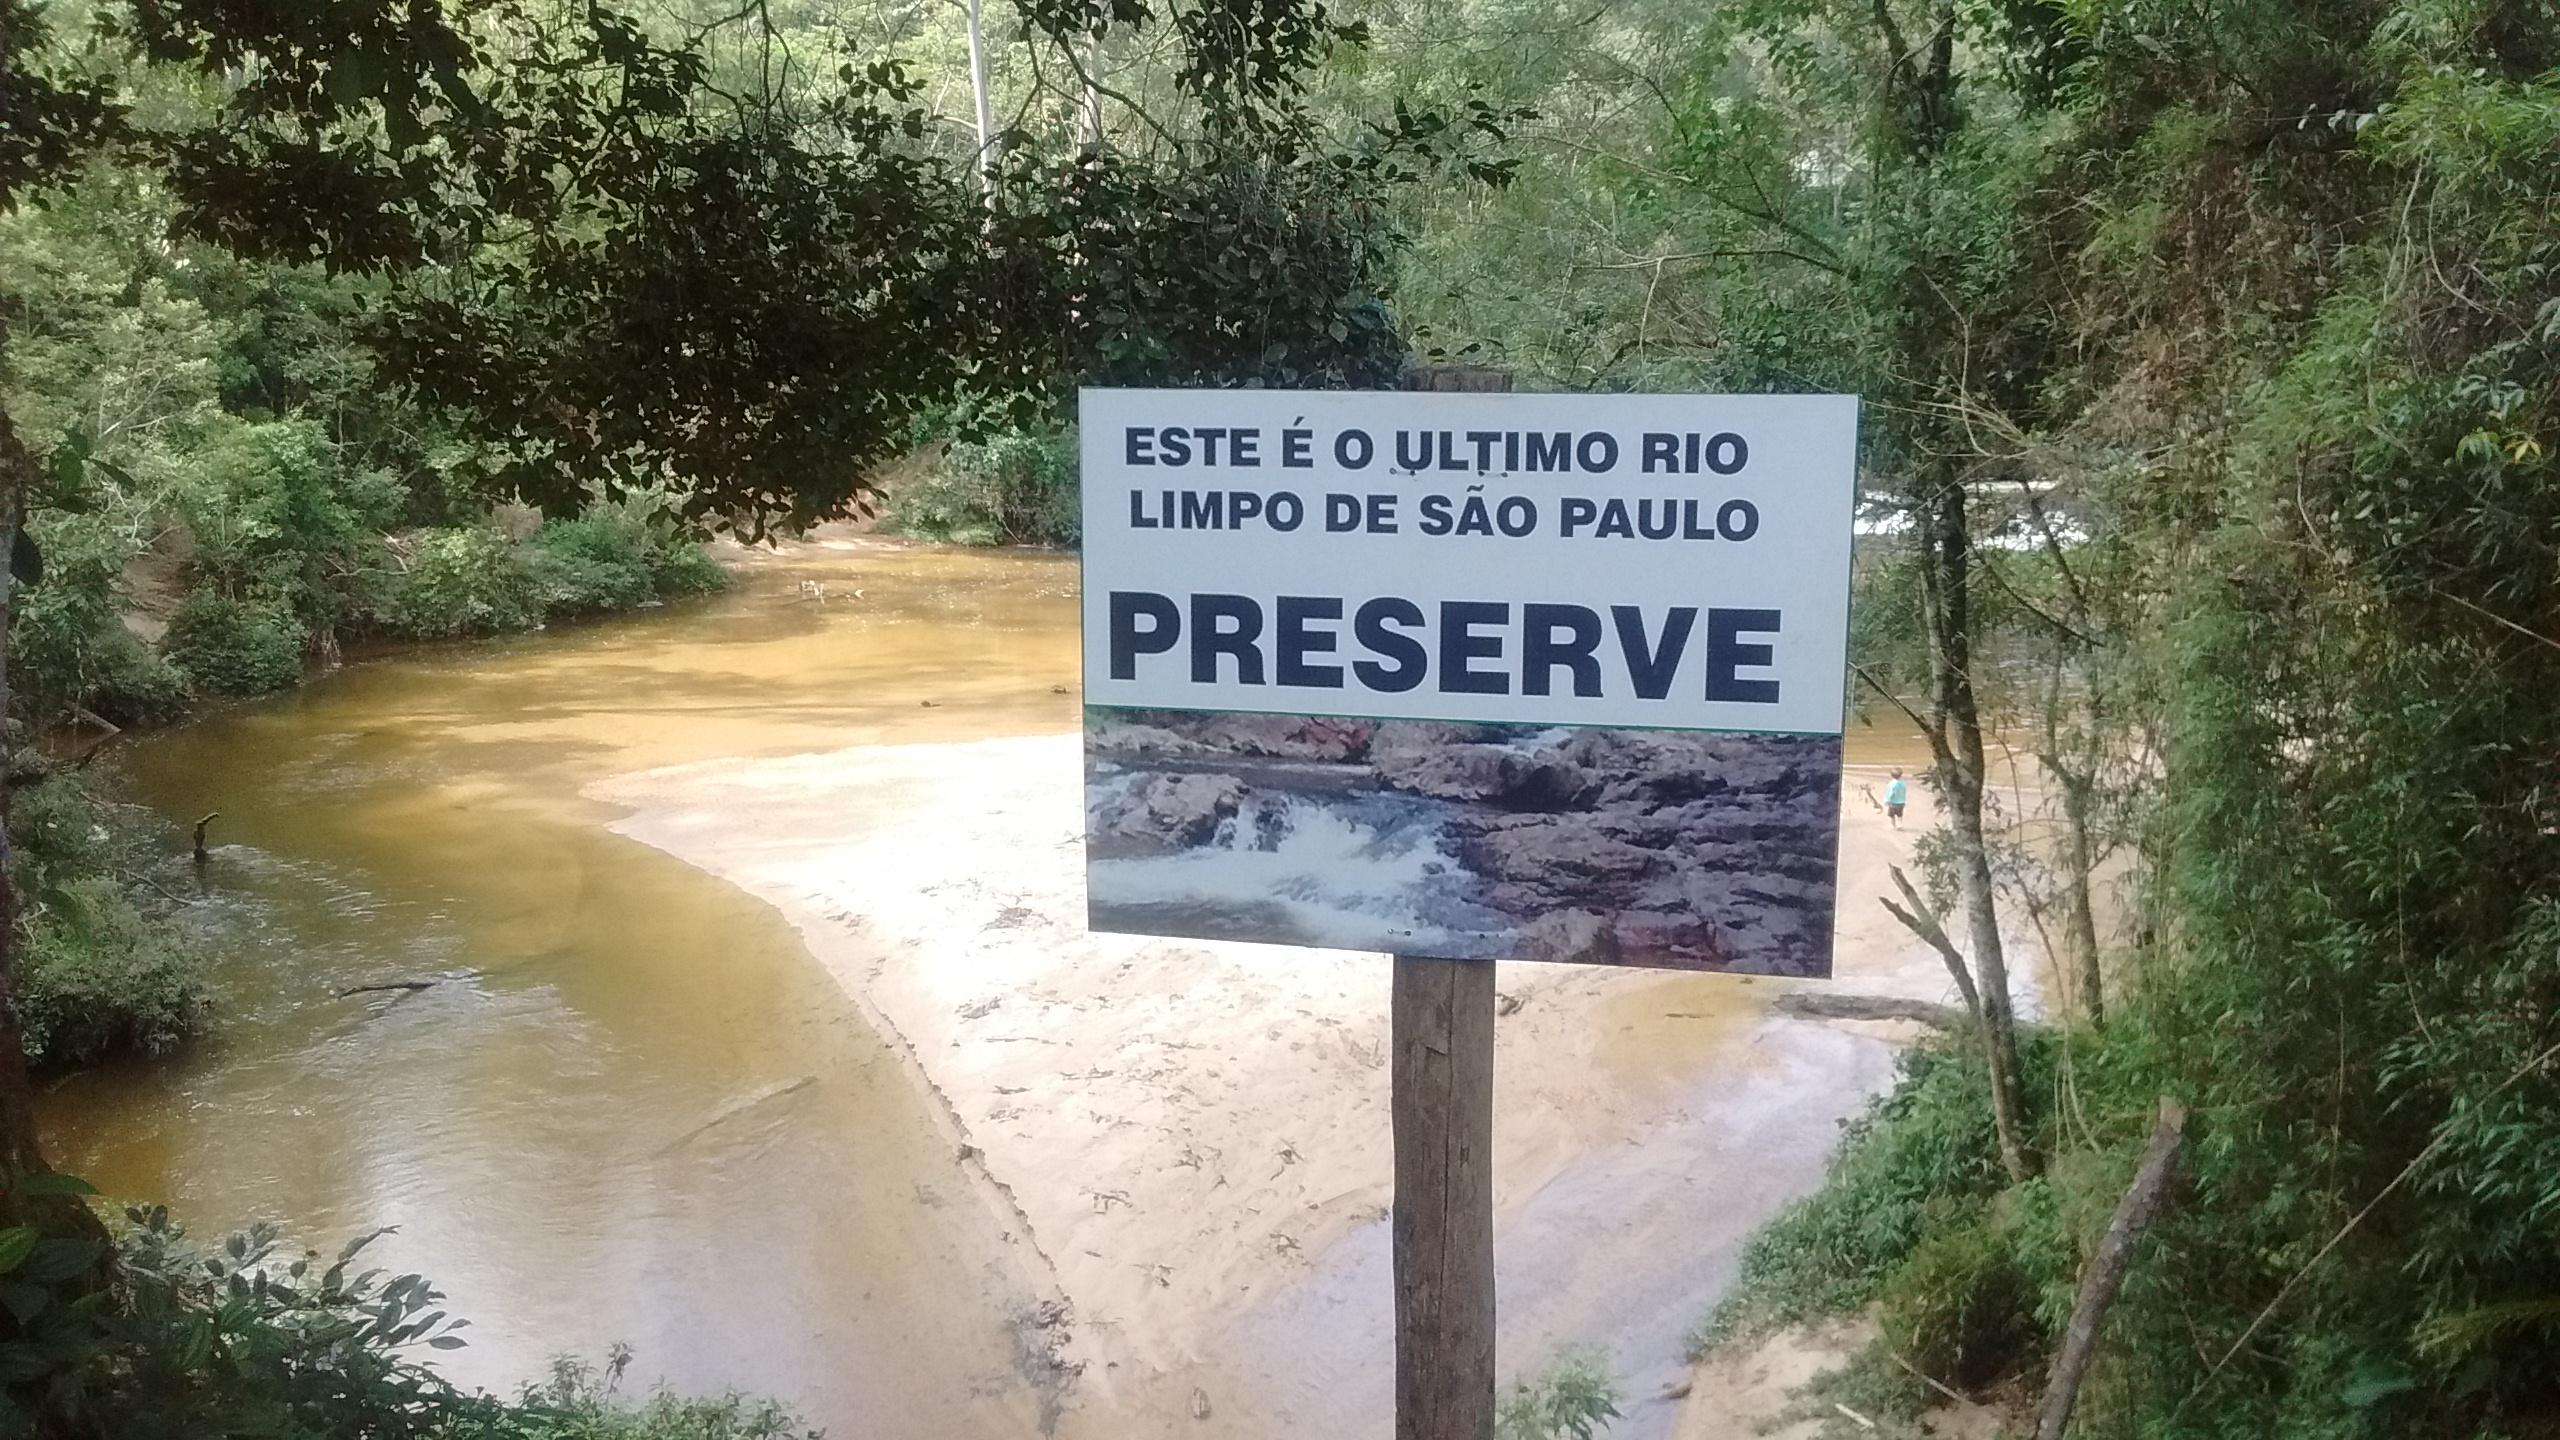 cachoeira e unico rio limpo em sp